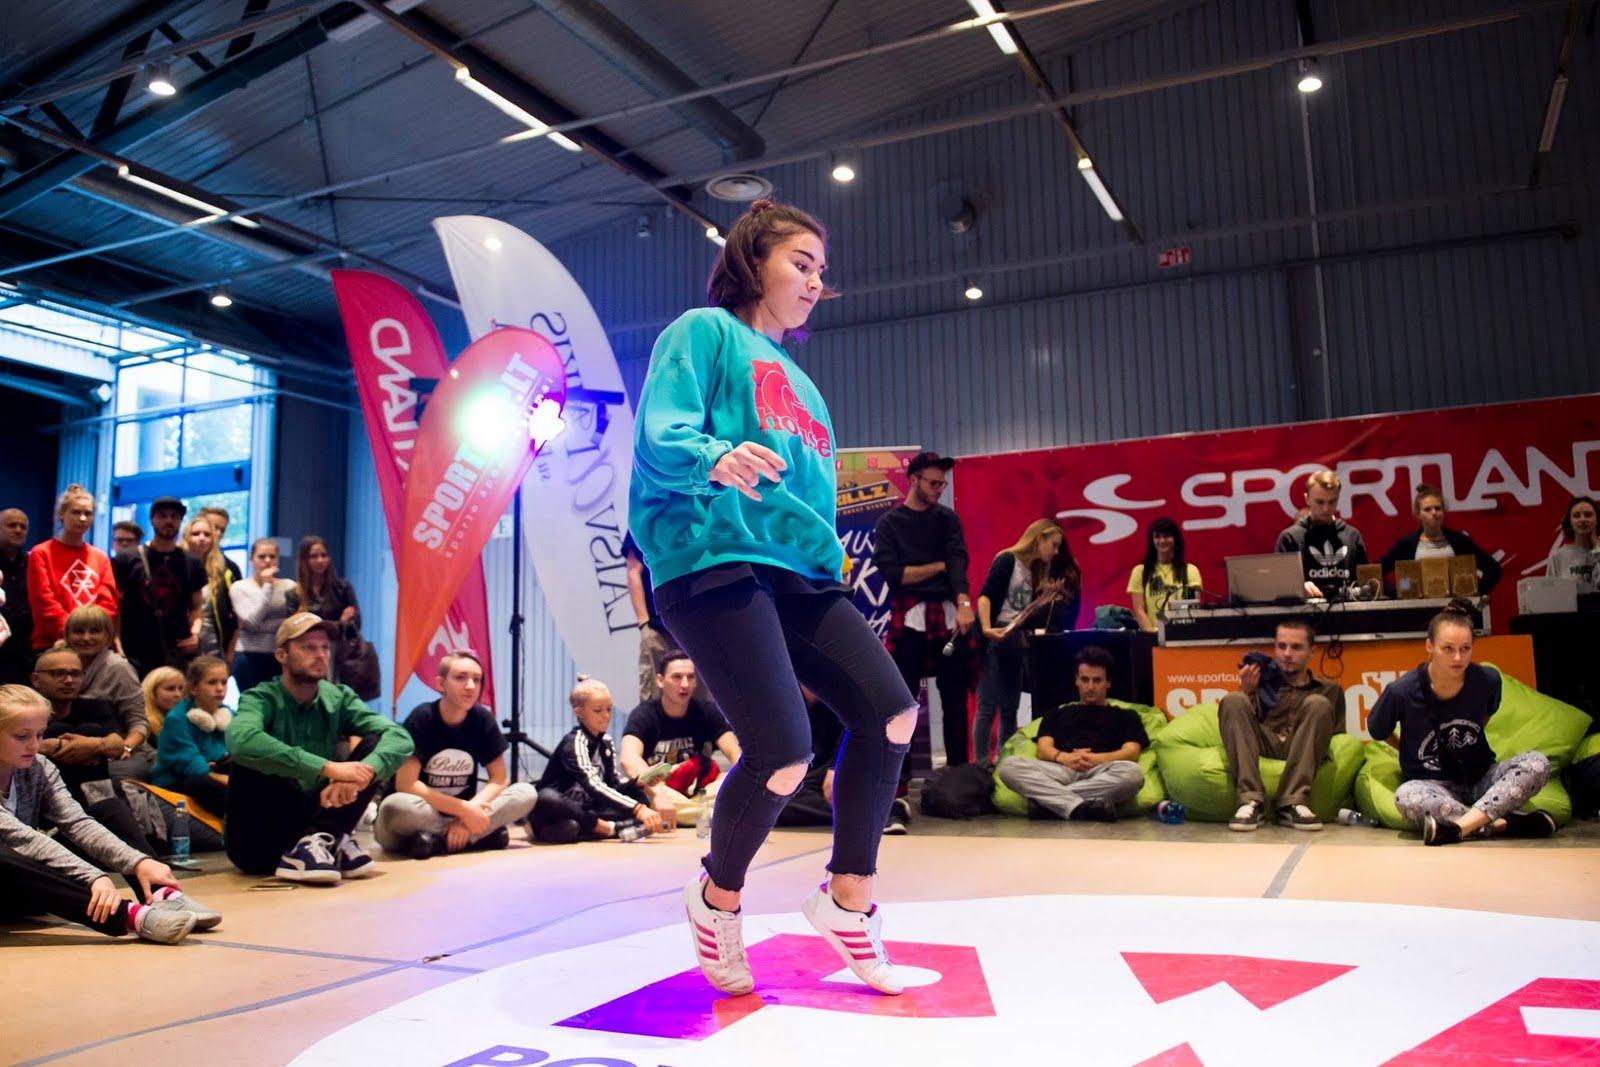 PHR Dance battles Vilniaus festivalis - 102.jpg